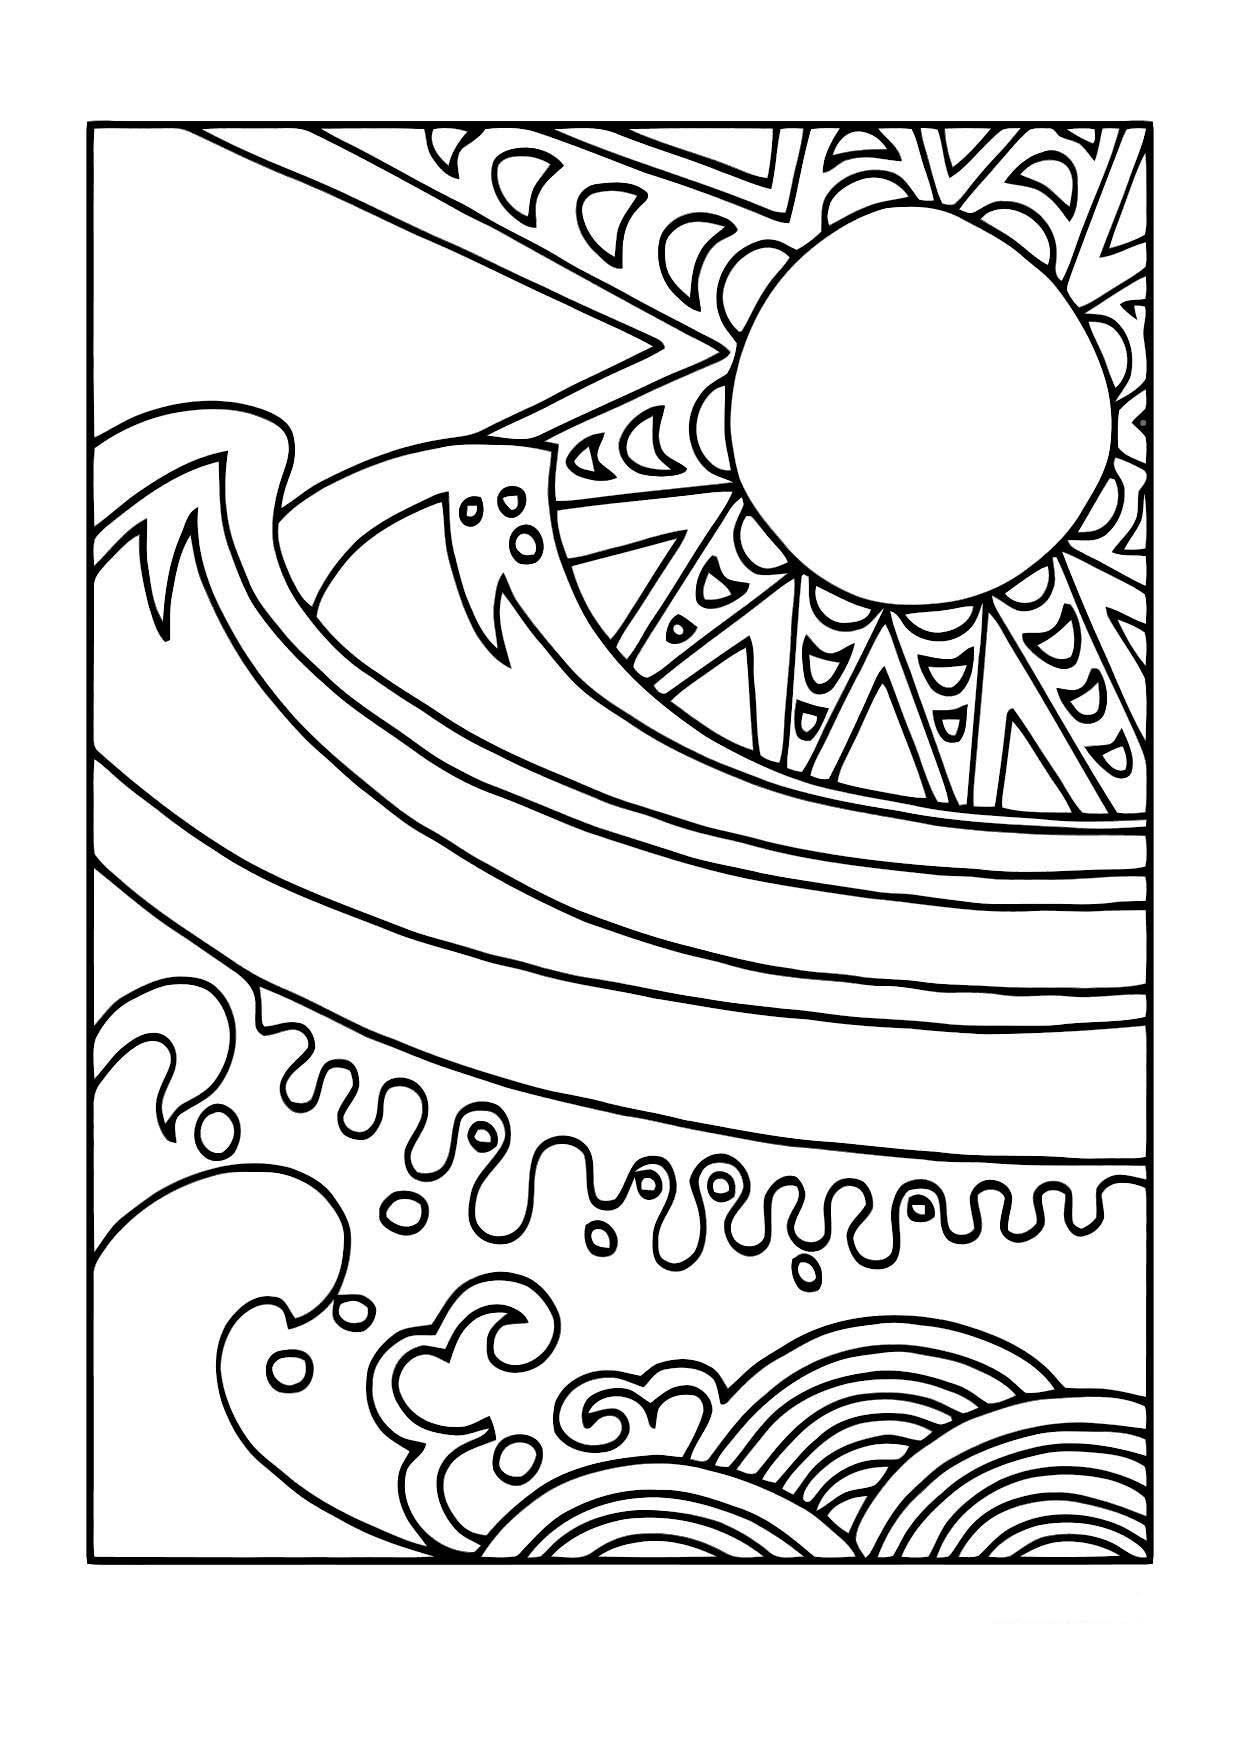 Dibujo para colorear Sol y mar - Img 11440